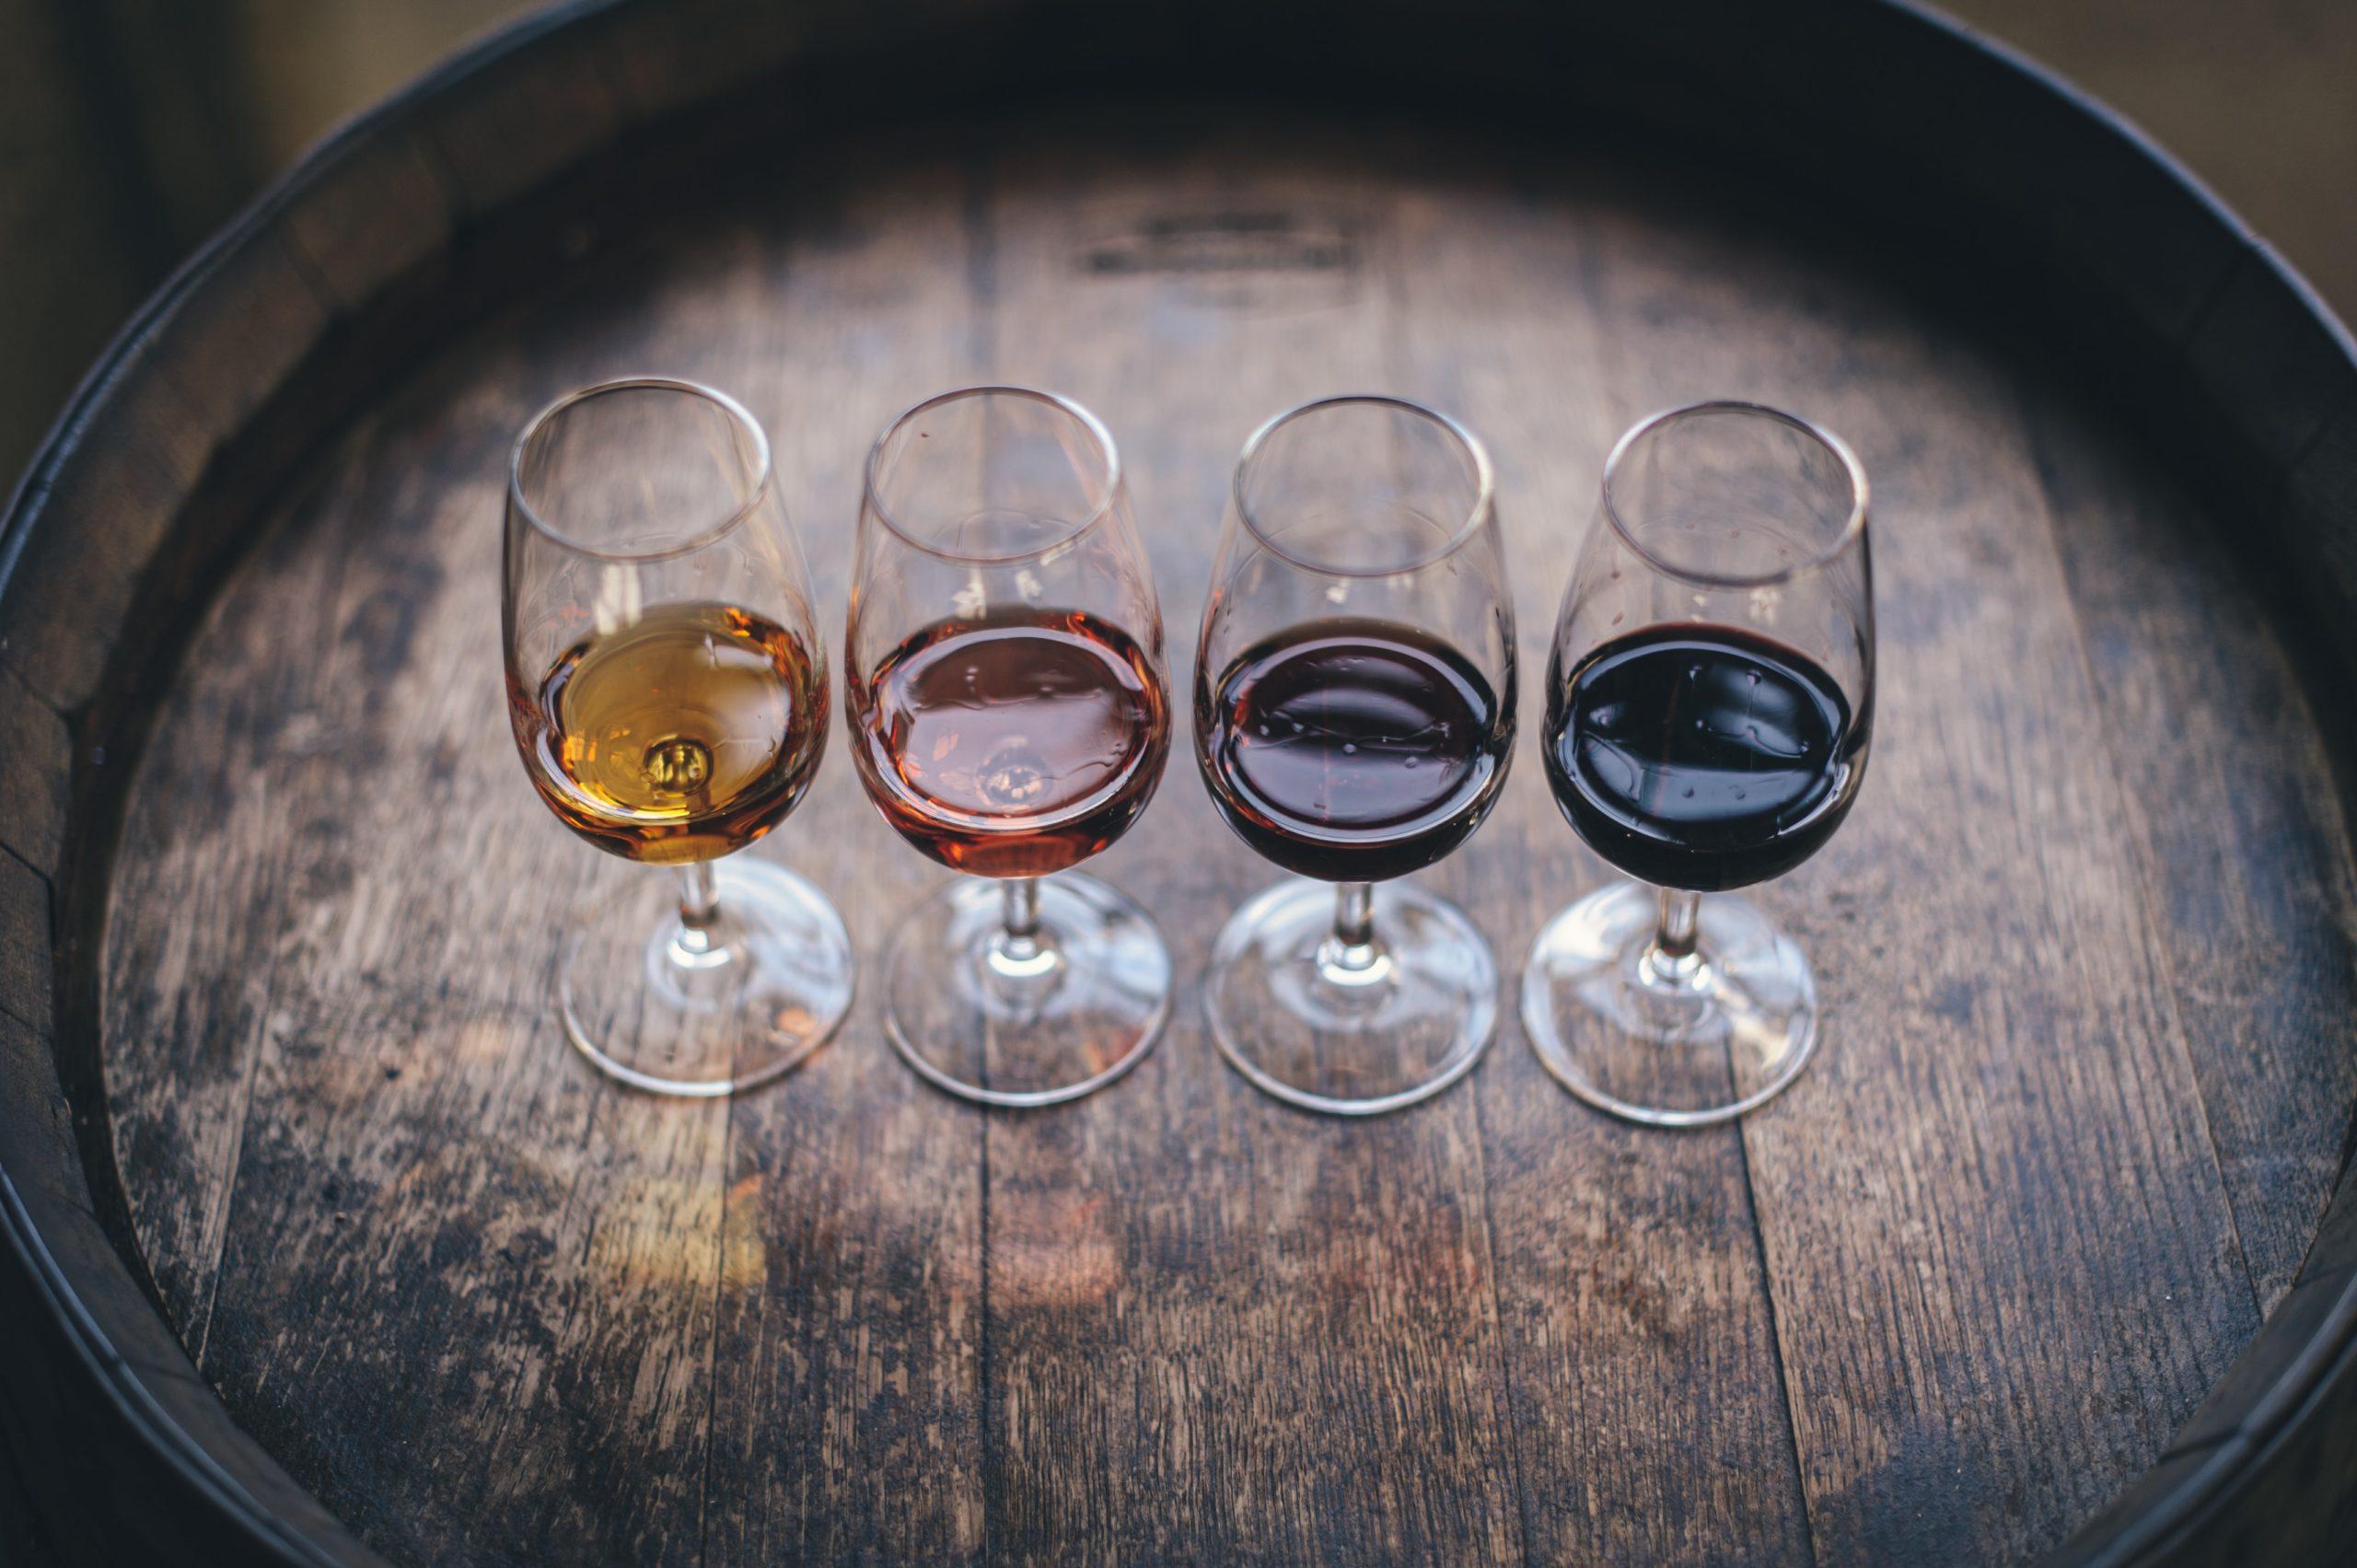 verres vins alignés sur un tonneau pour une dégustation de vins en Sologne pour des événements